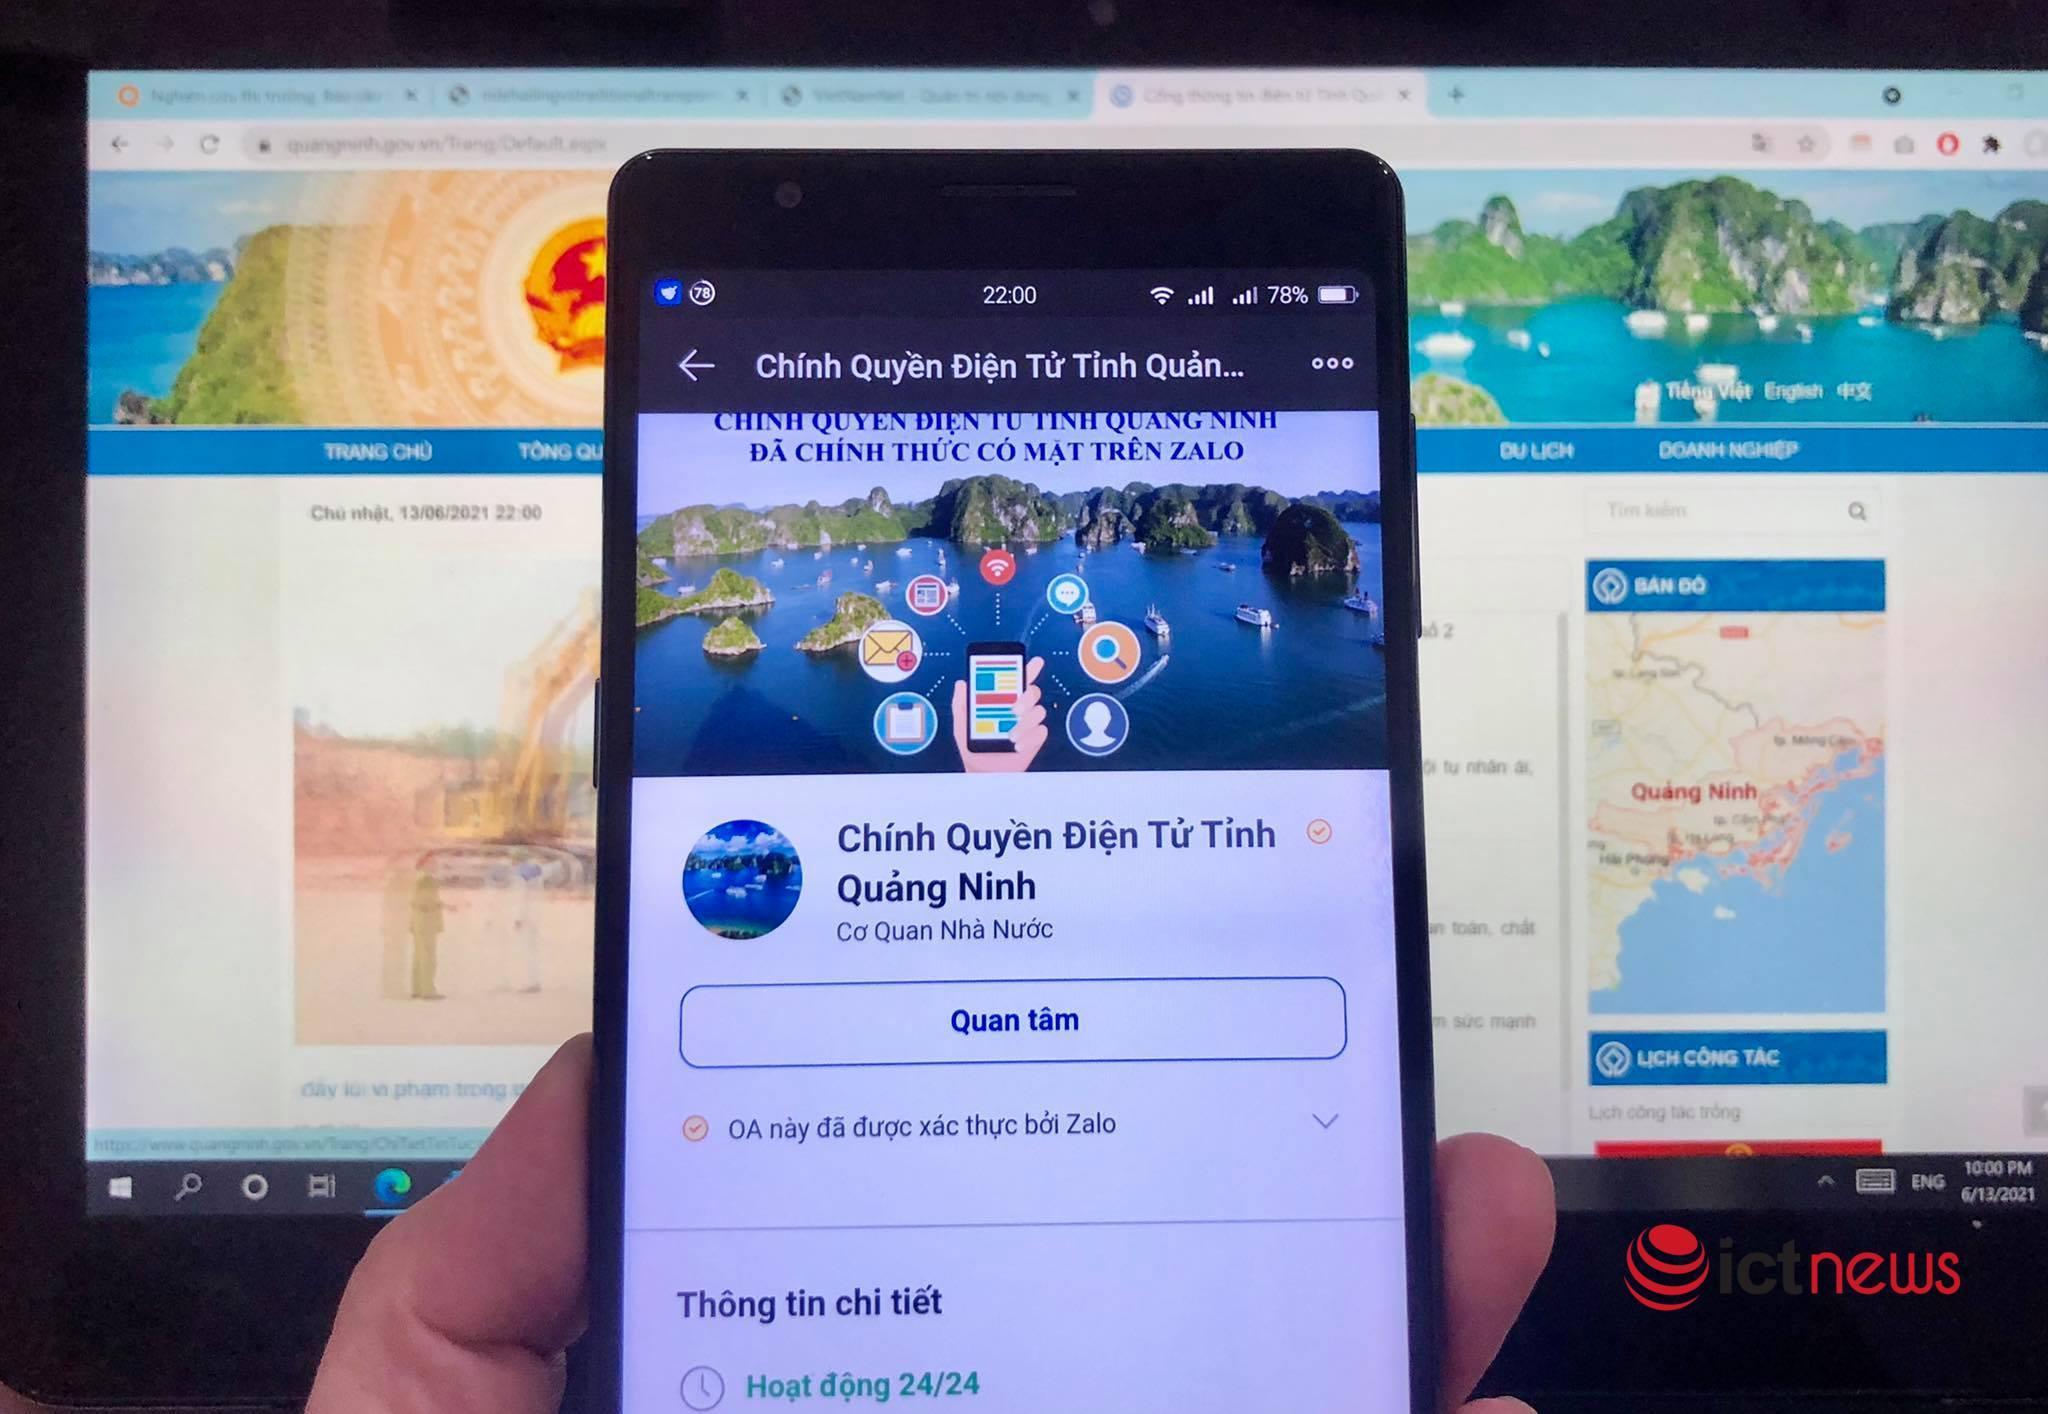 Quảng Ninh 'làm mới' tuyên truyền chống dịch qua cổng dịch vụ công và mạng xã hội